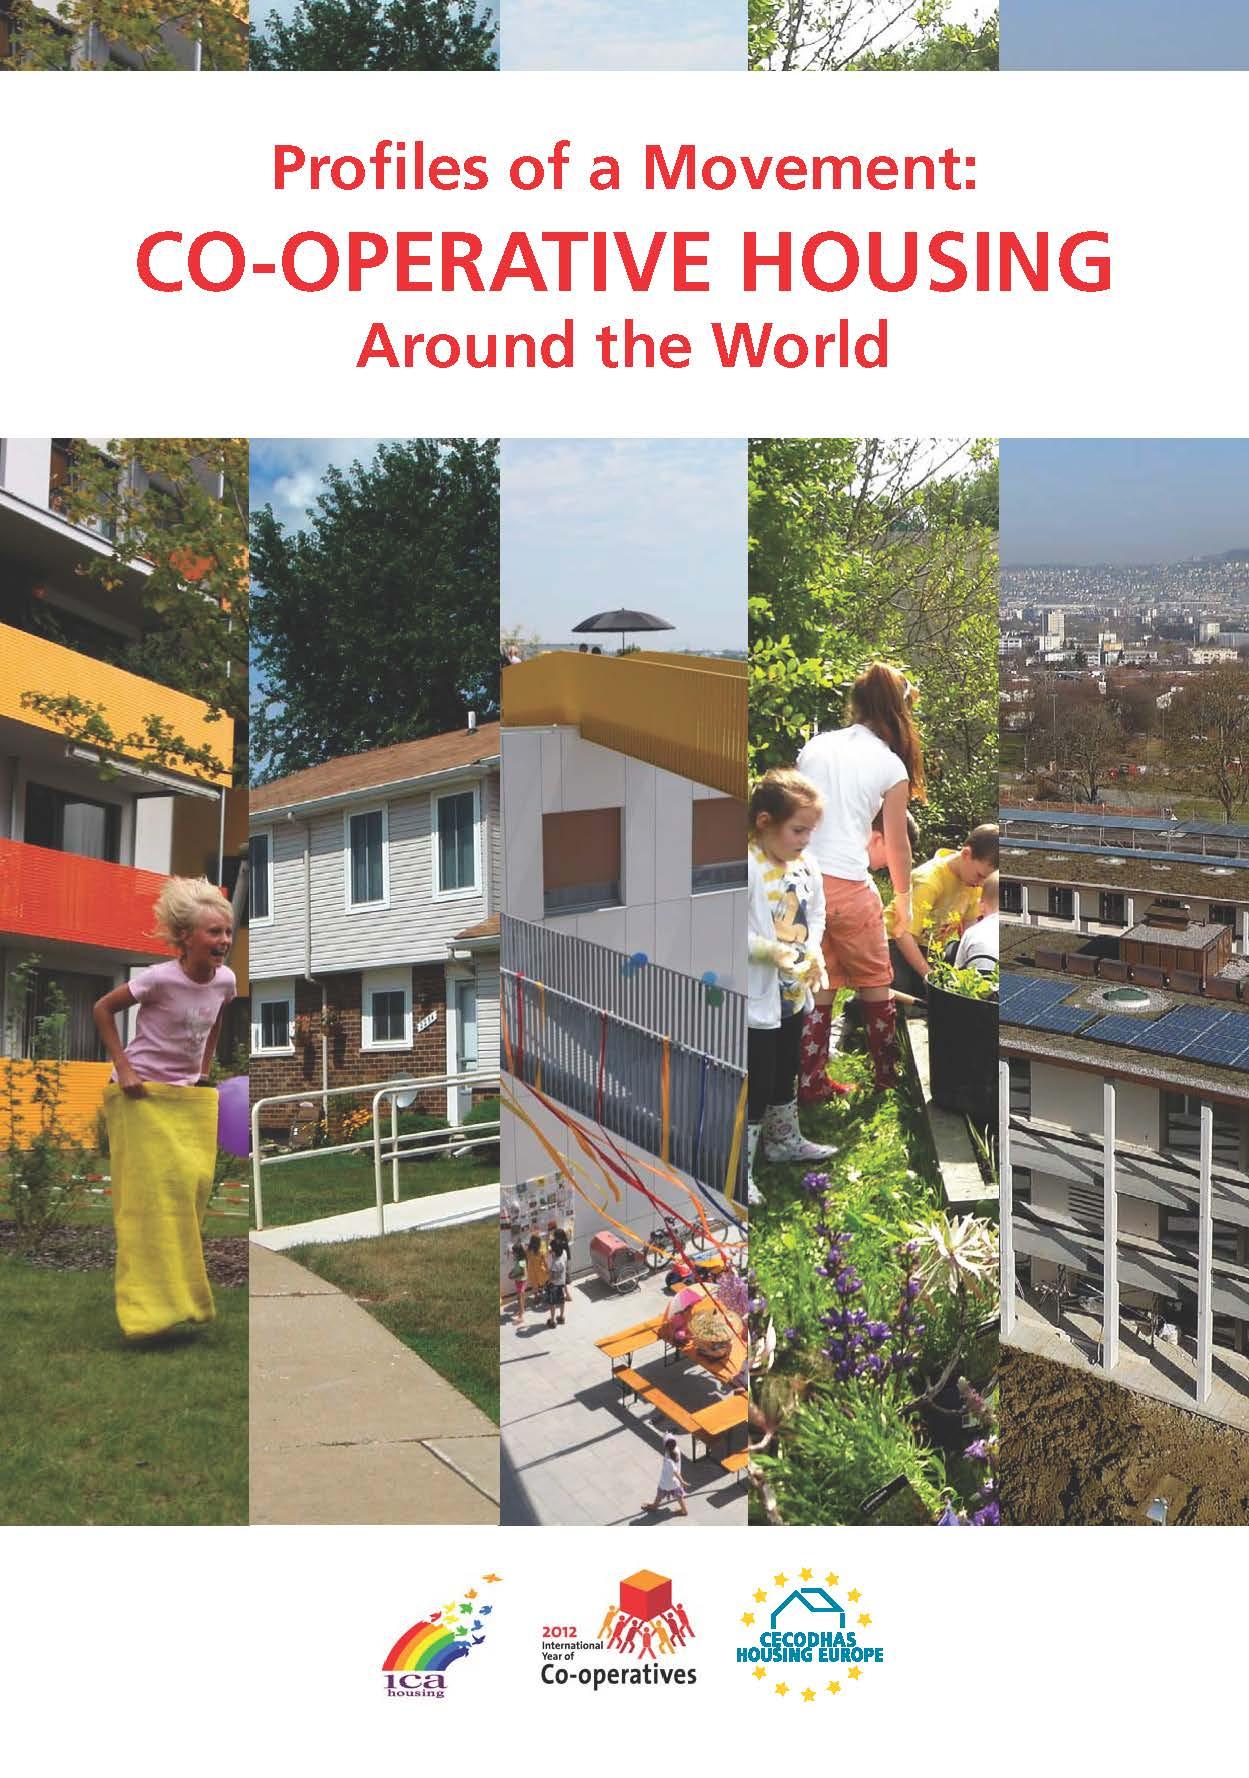 Kooperative po svetu, vir: www.icahousing.coop